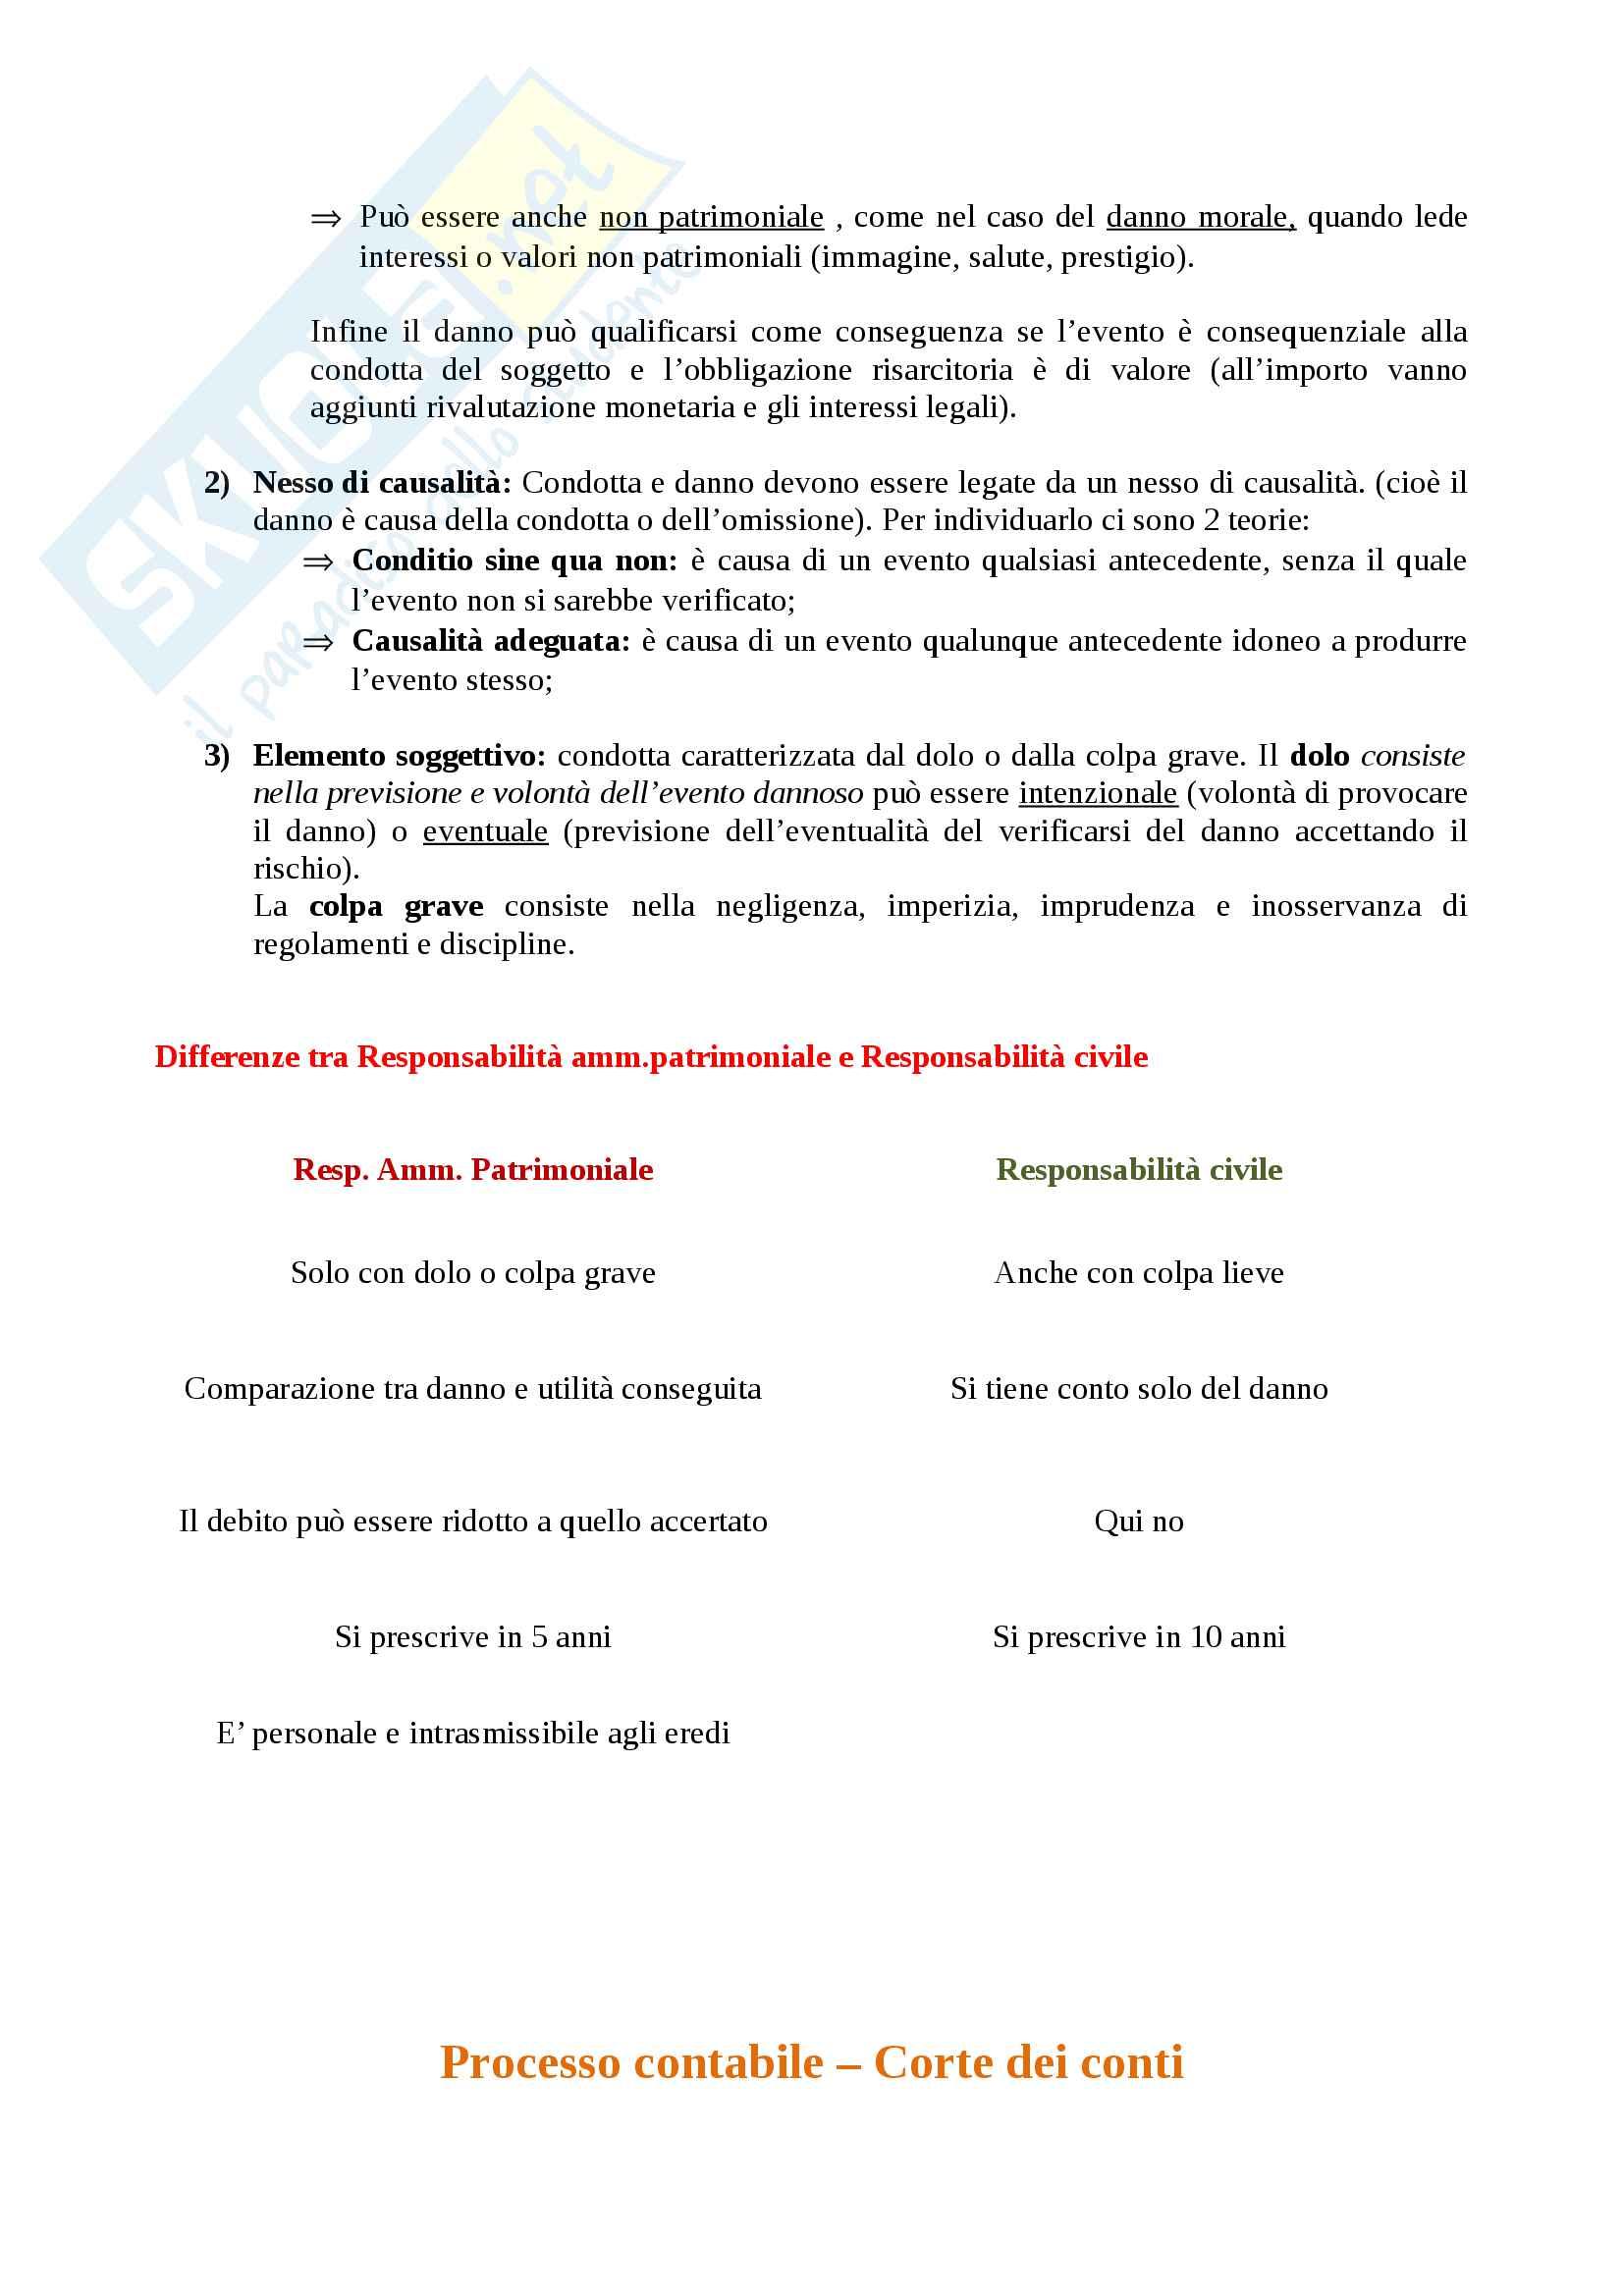 Responsabilità Amministrativa Patrimoniale, Corte dei Conti, Diritto Amministrativo Pag. 2